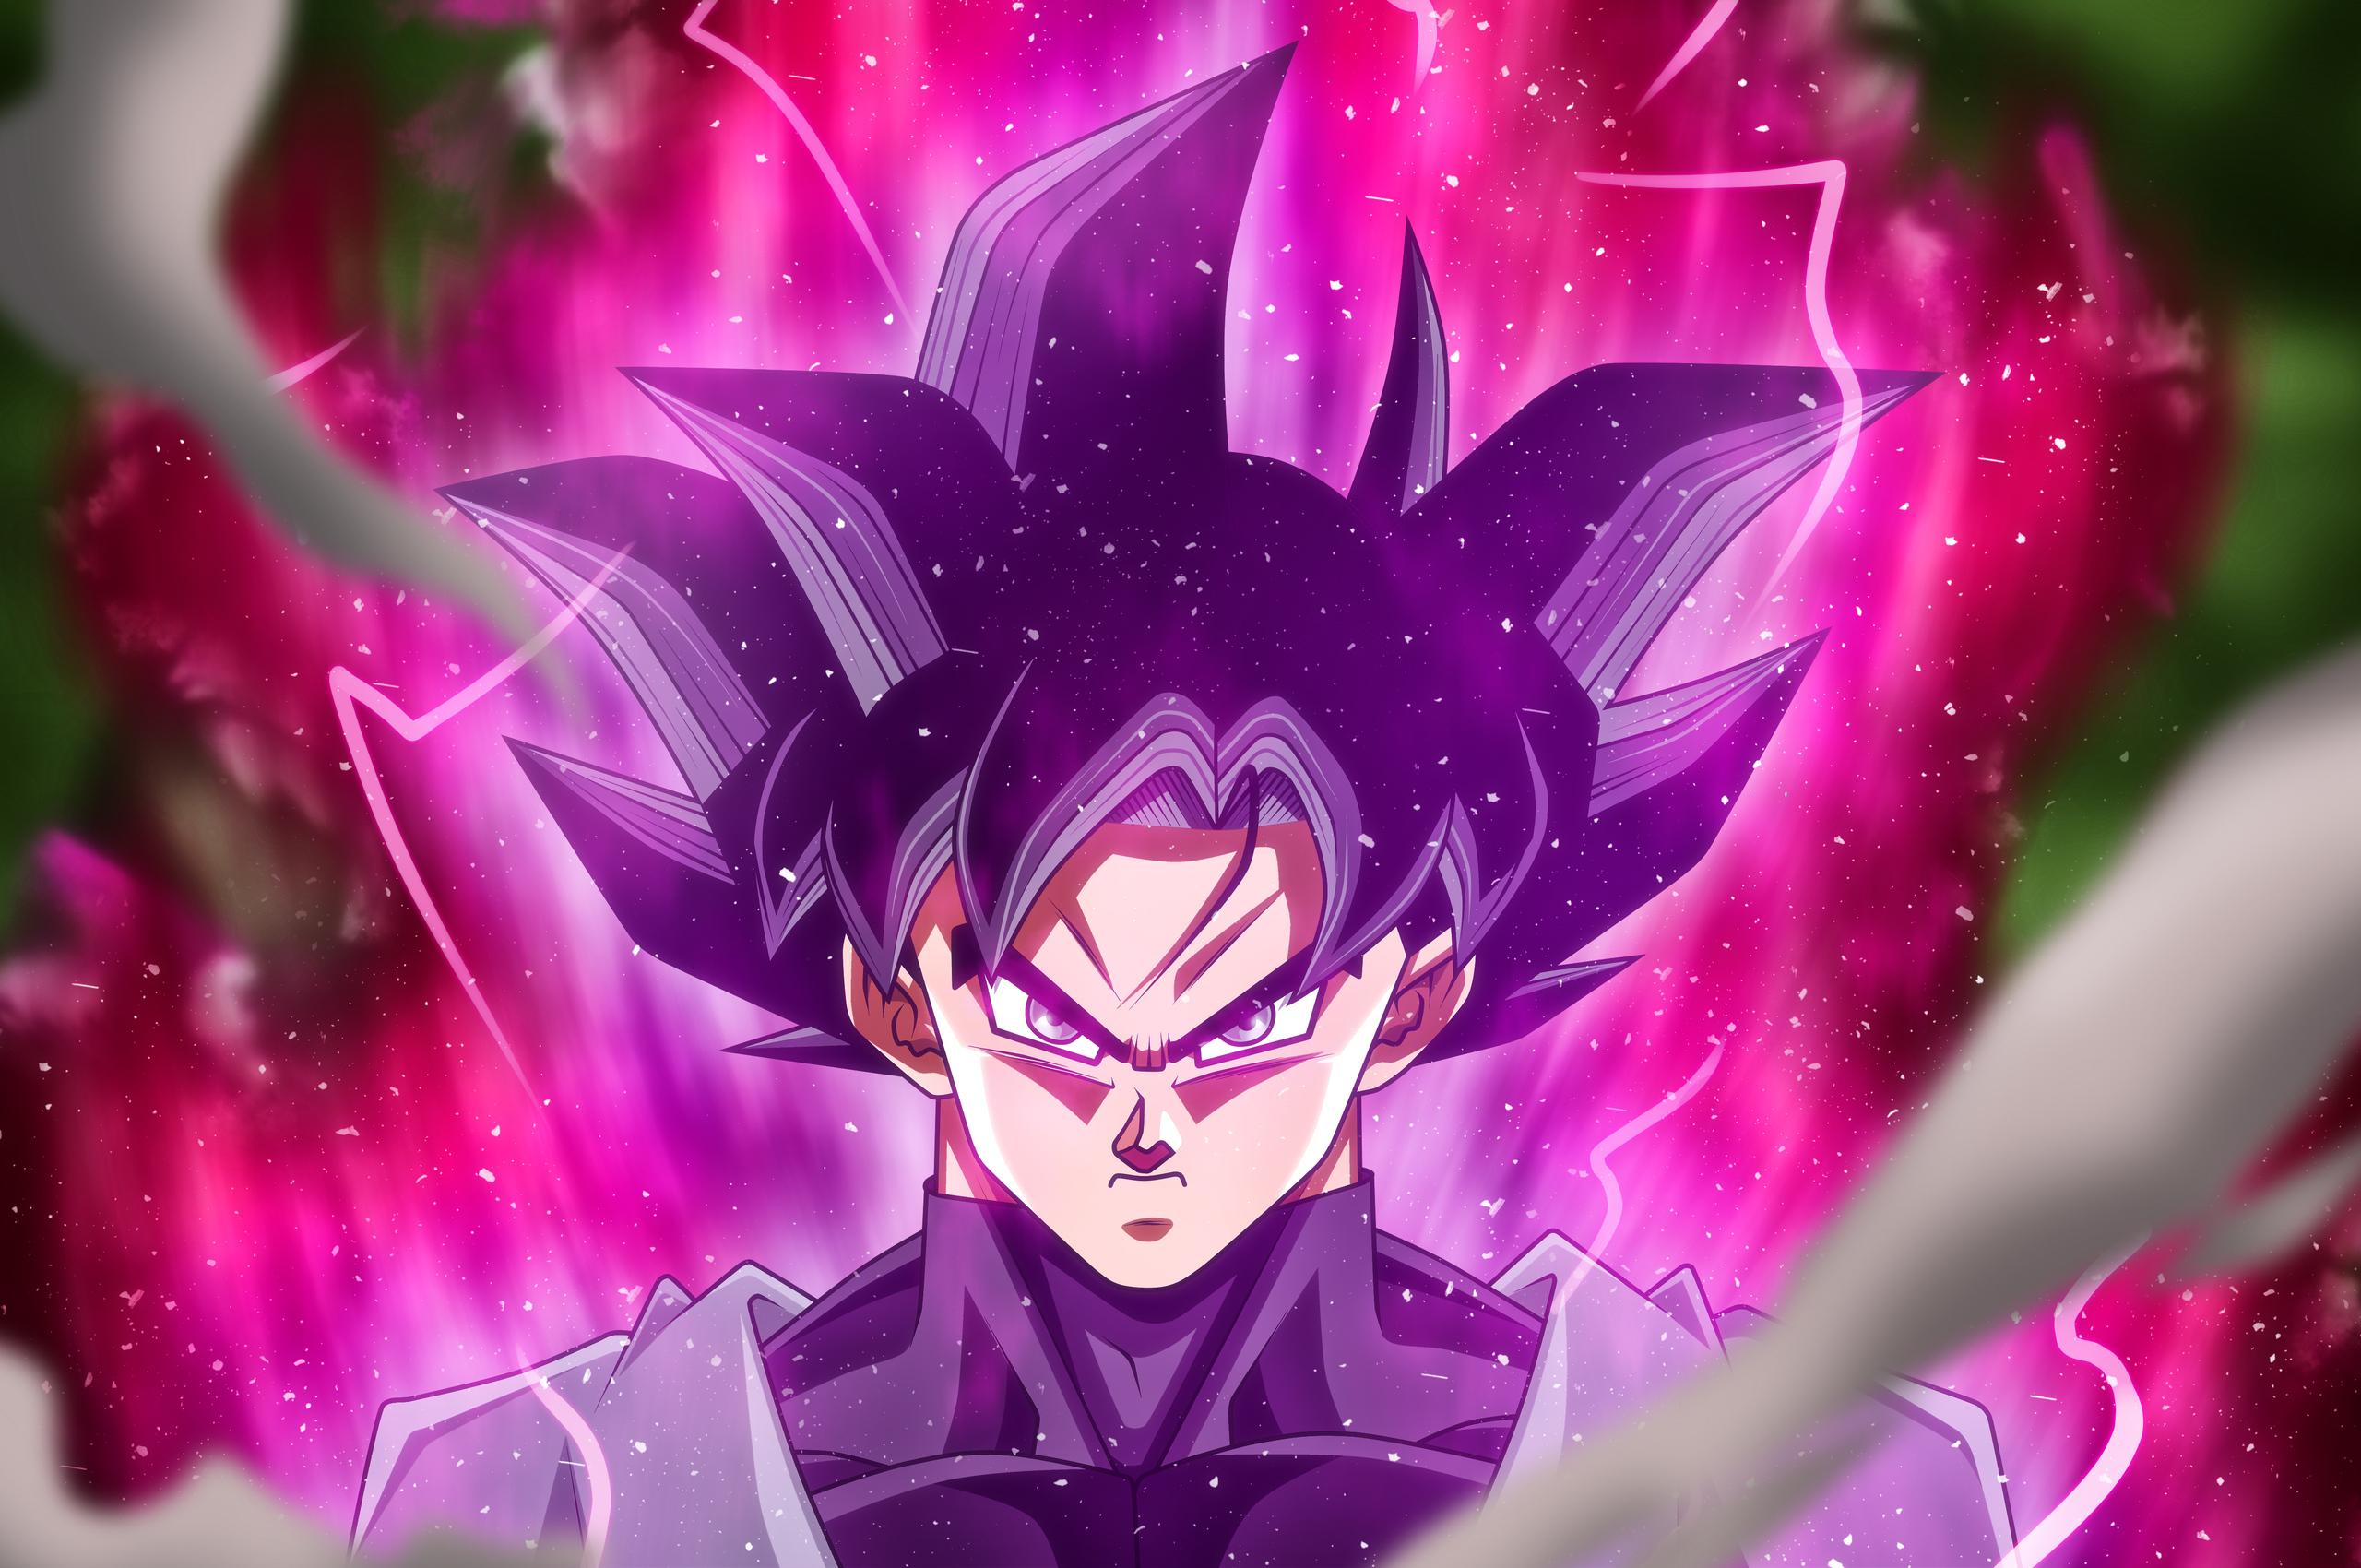 Goku Black Rose Wallpaper 4k